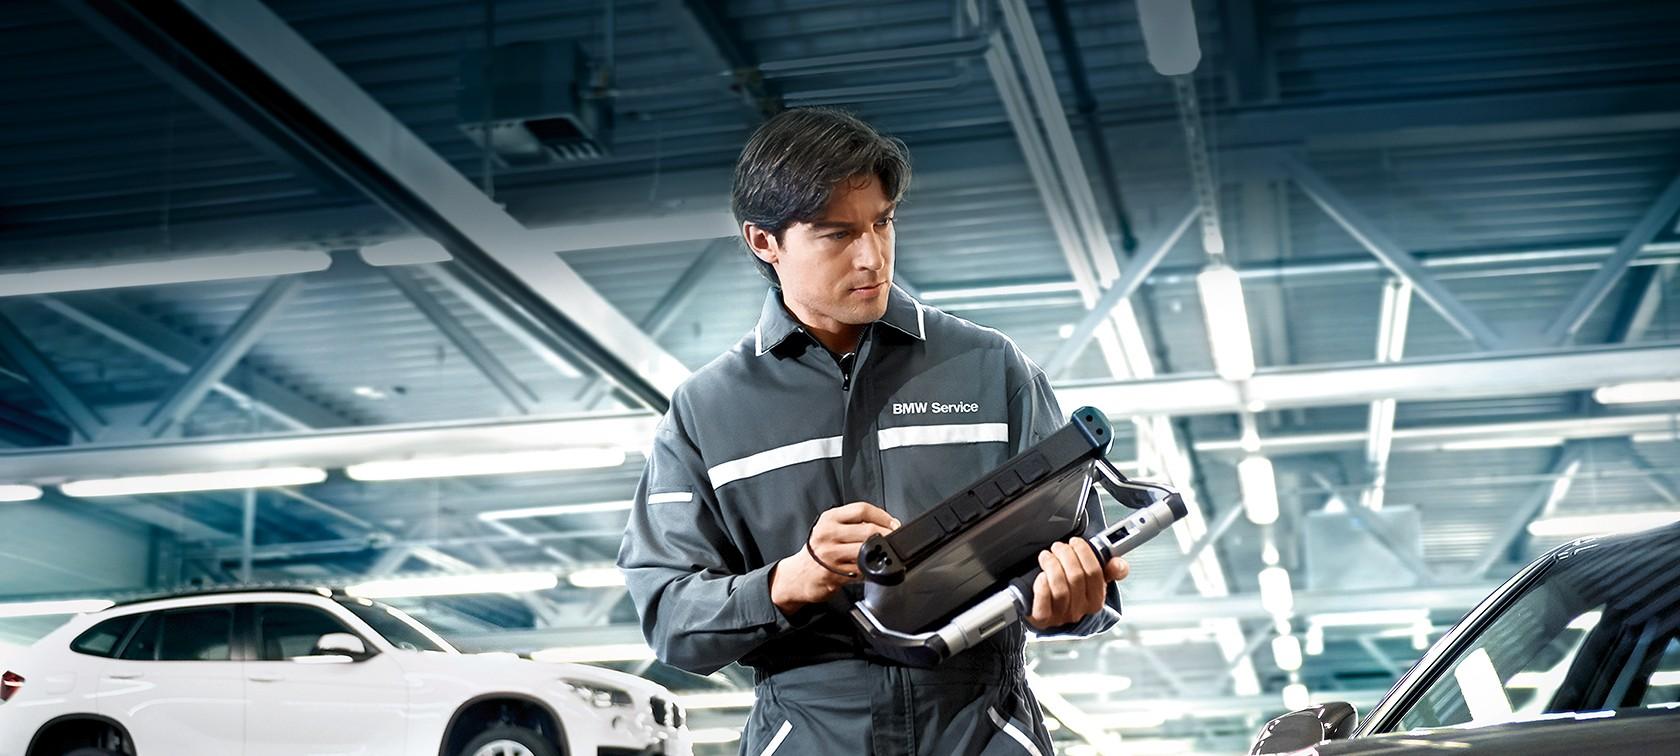 BMW Car Service Centre Singapore